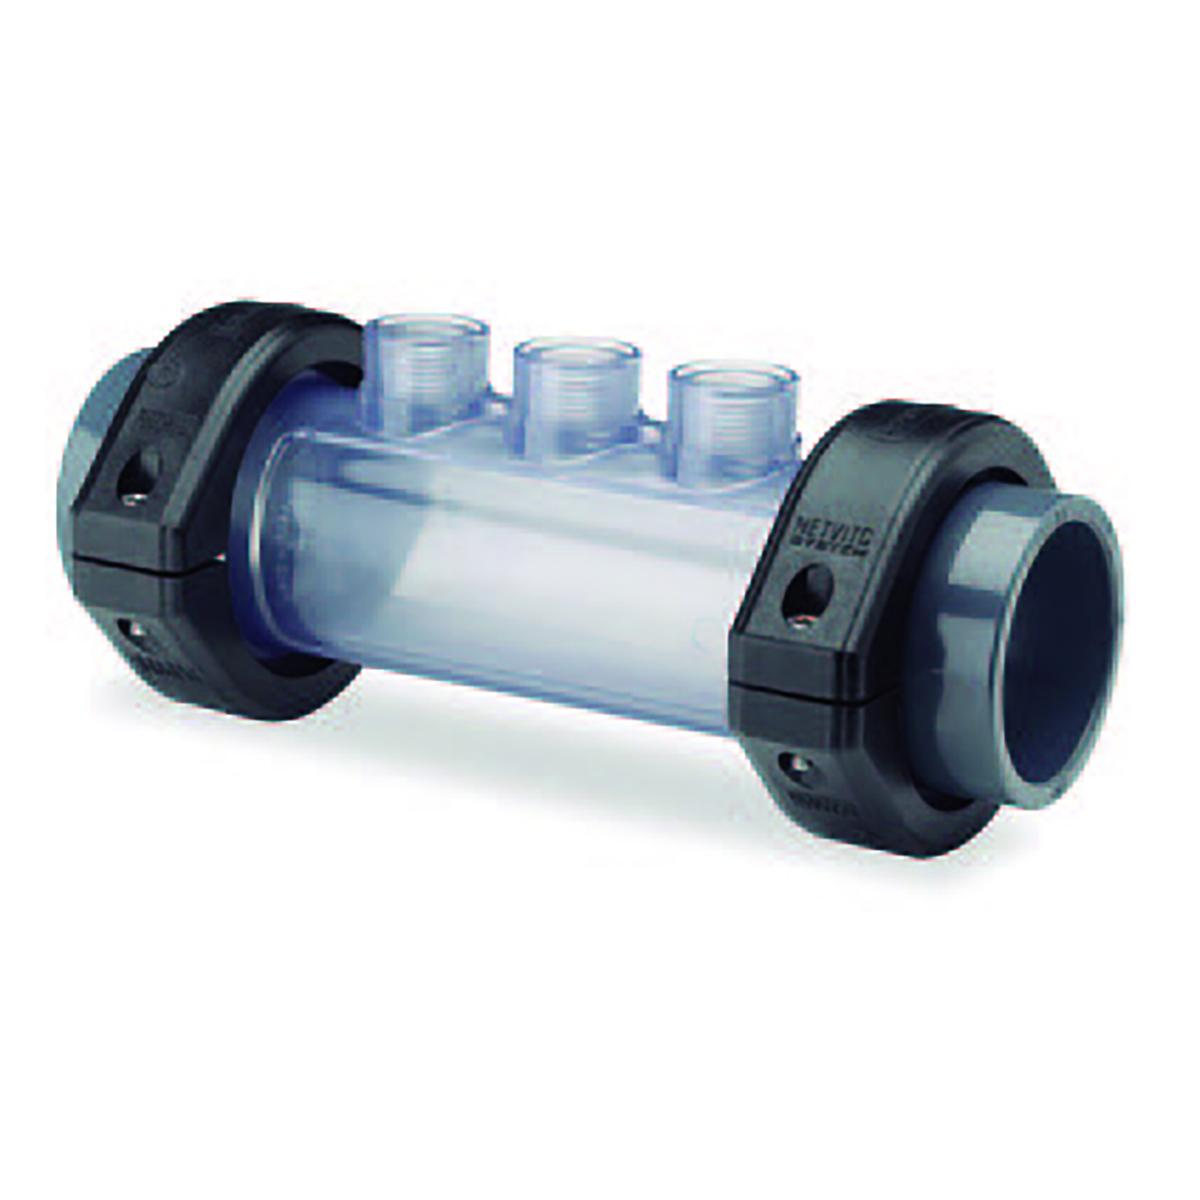 Transparente Elektrodenhalterung d50 inkl. 1x Verschlusstopfen und O-Ring Transparente Elektrodenhalterung d50 inkl. 1x Verschlusstopfen und O-Ring